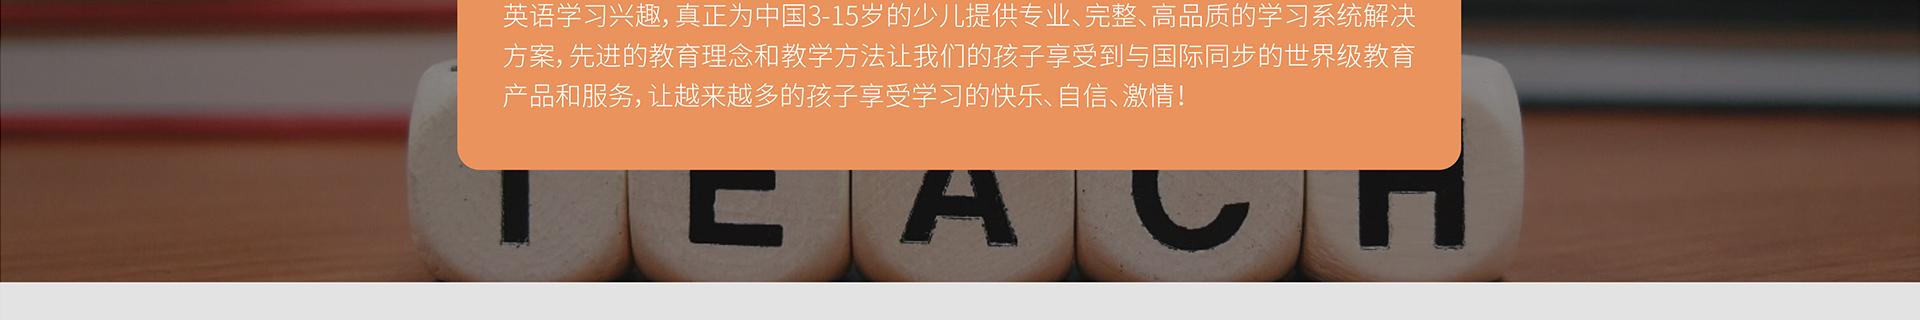 青鸟园丁学习馆qnyd_05